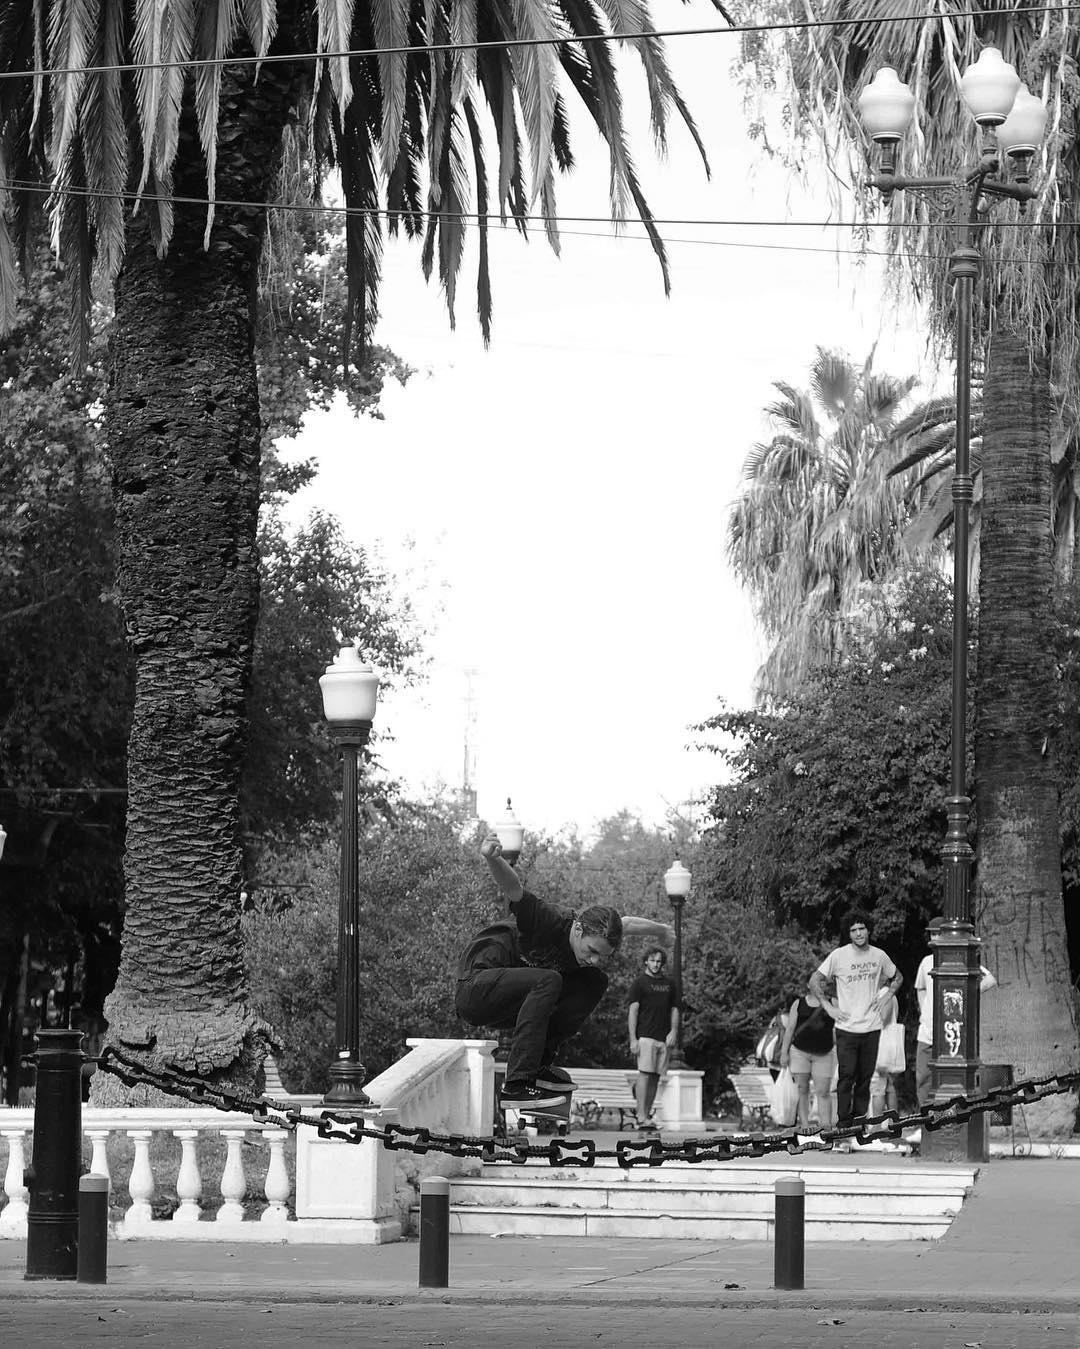 Las calles de Mendoza son nuestras.